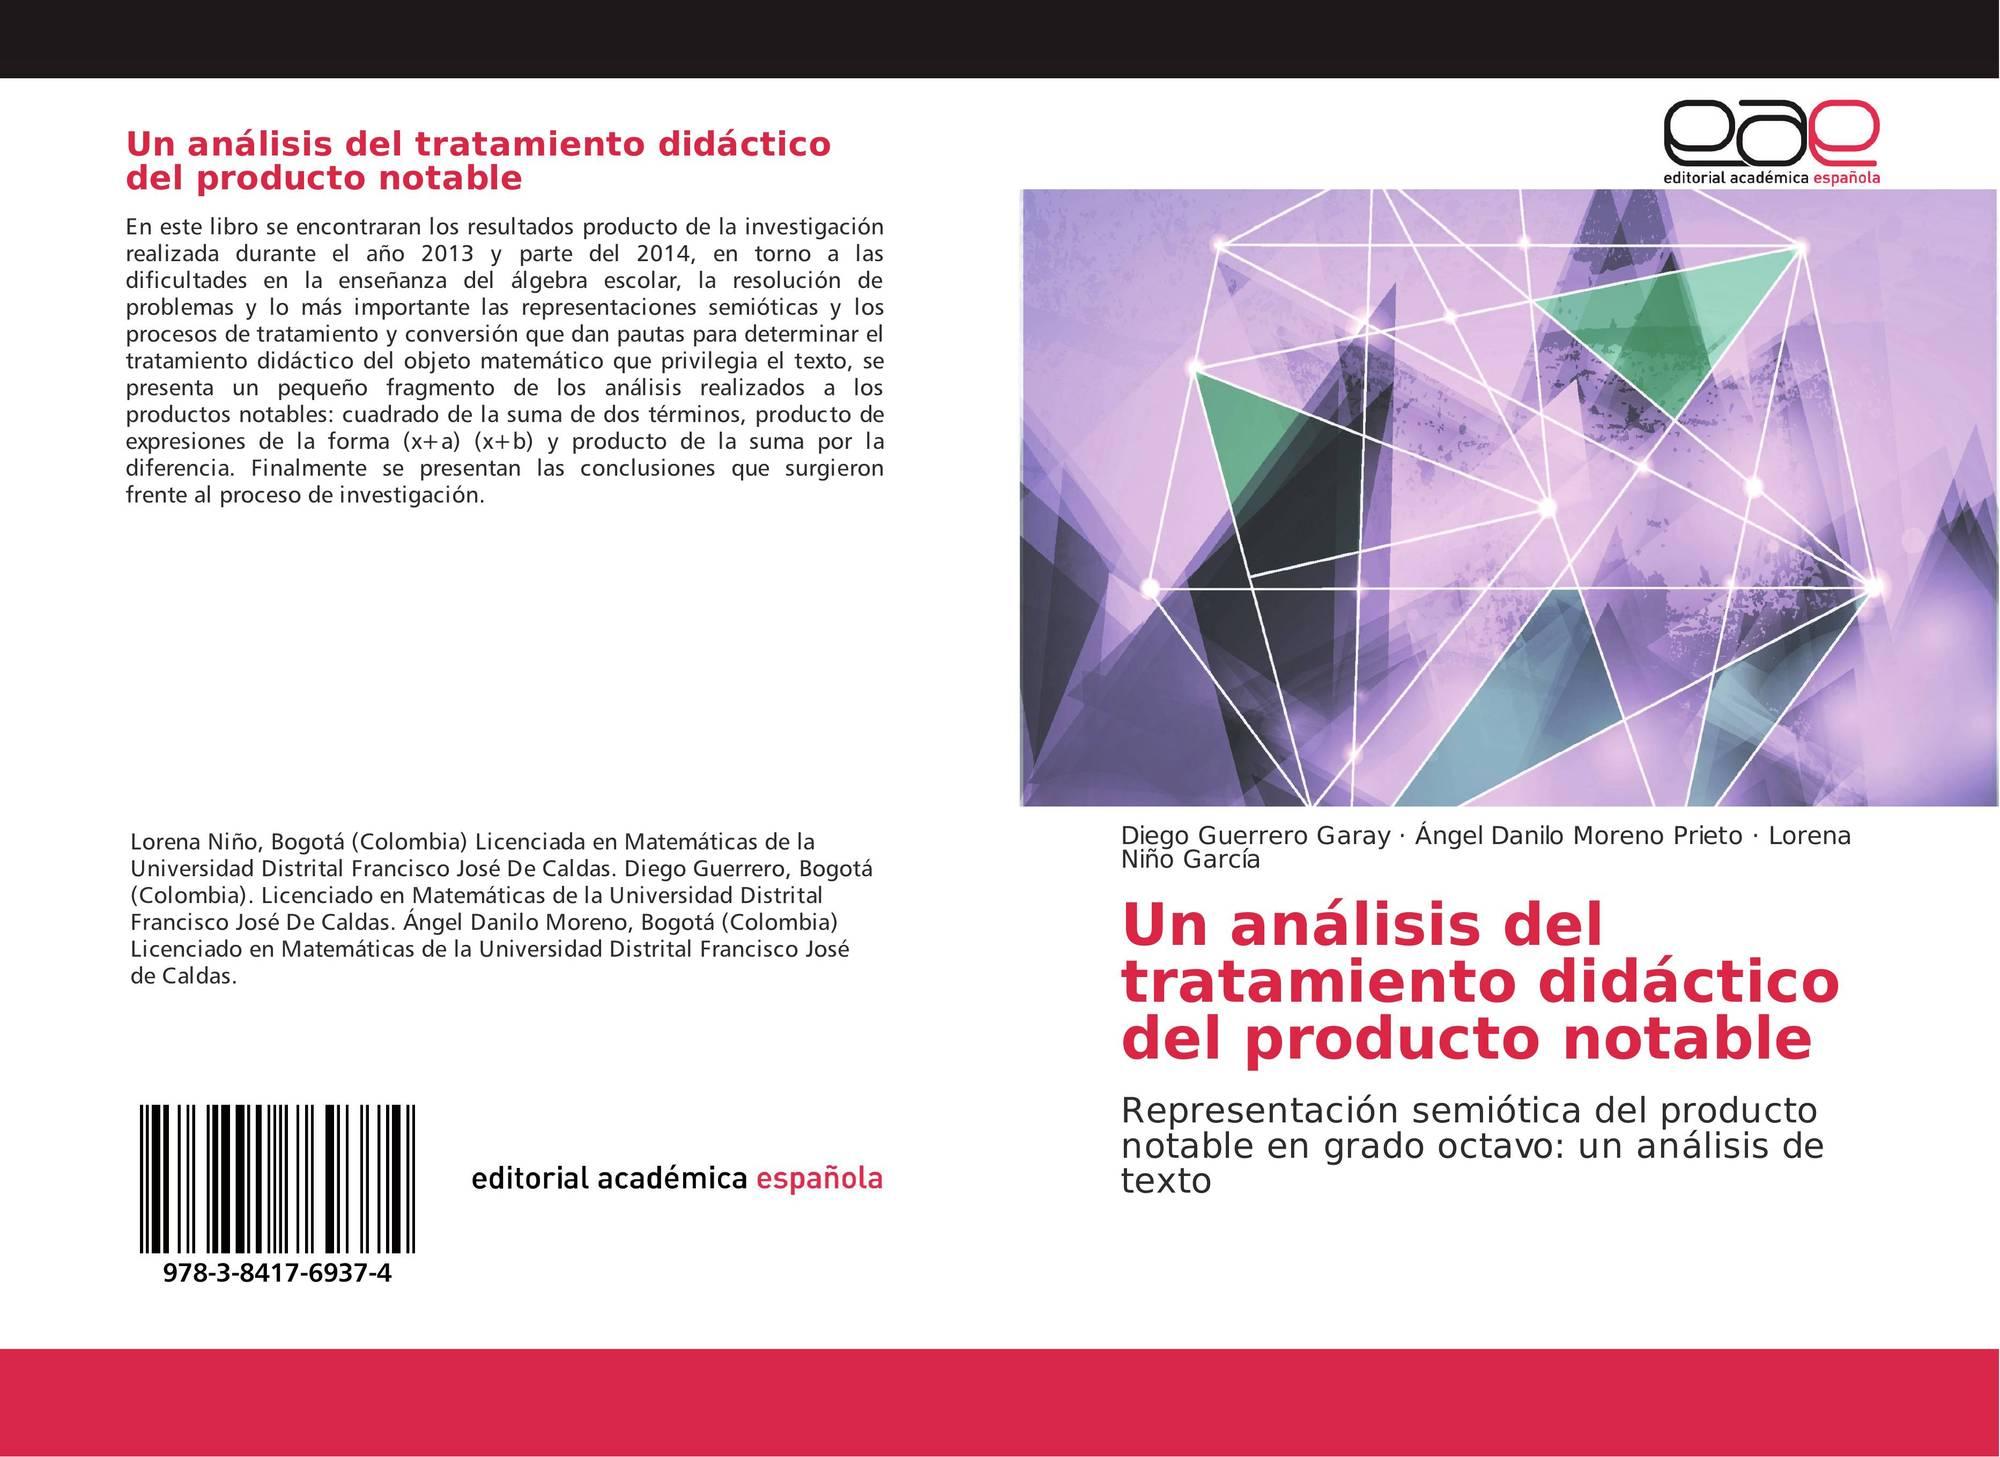 resumen del manual didactico de investigacion